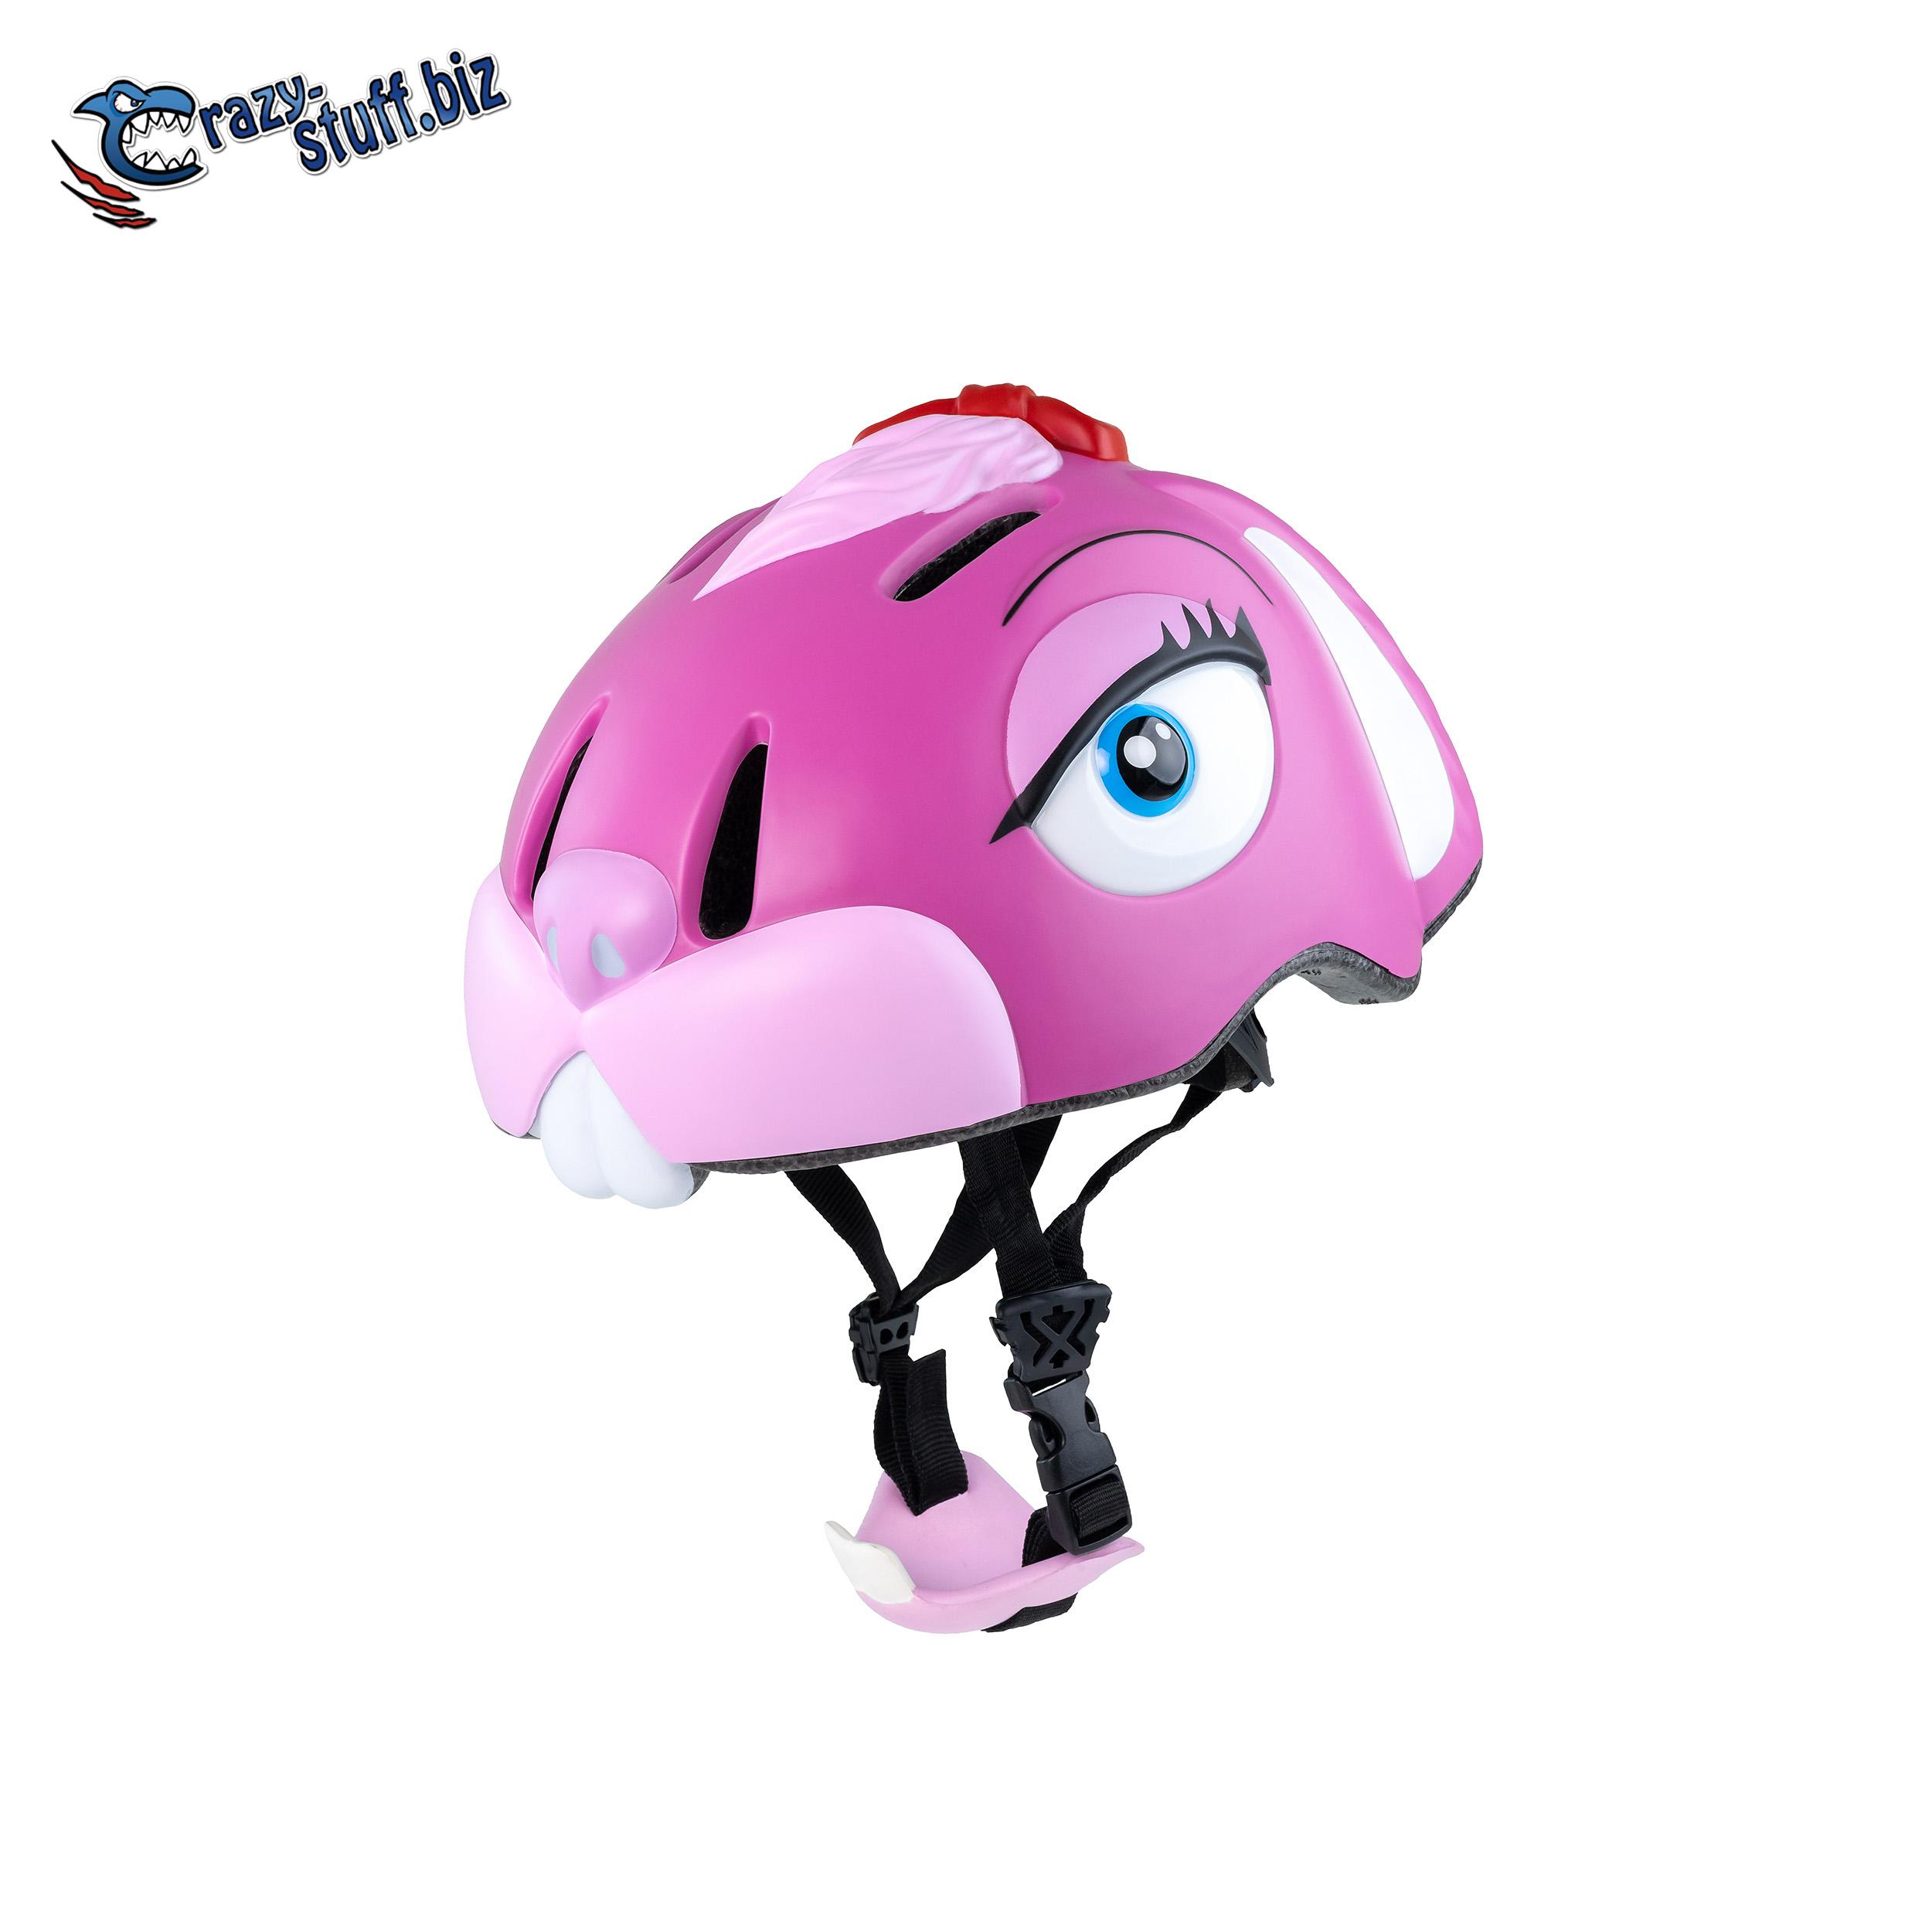 หมวกกันน็อคจักรยานสำหรับเด็ก Crazy Stuff ลายกระต่ายชมพู Pink Bunny (Size S 49-55cm)